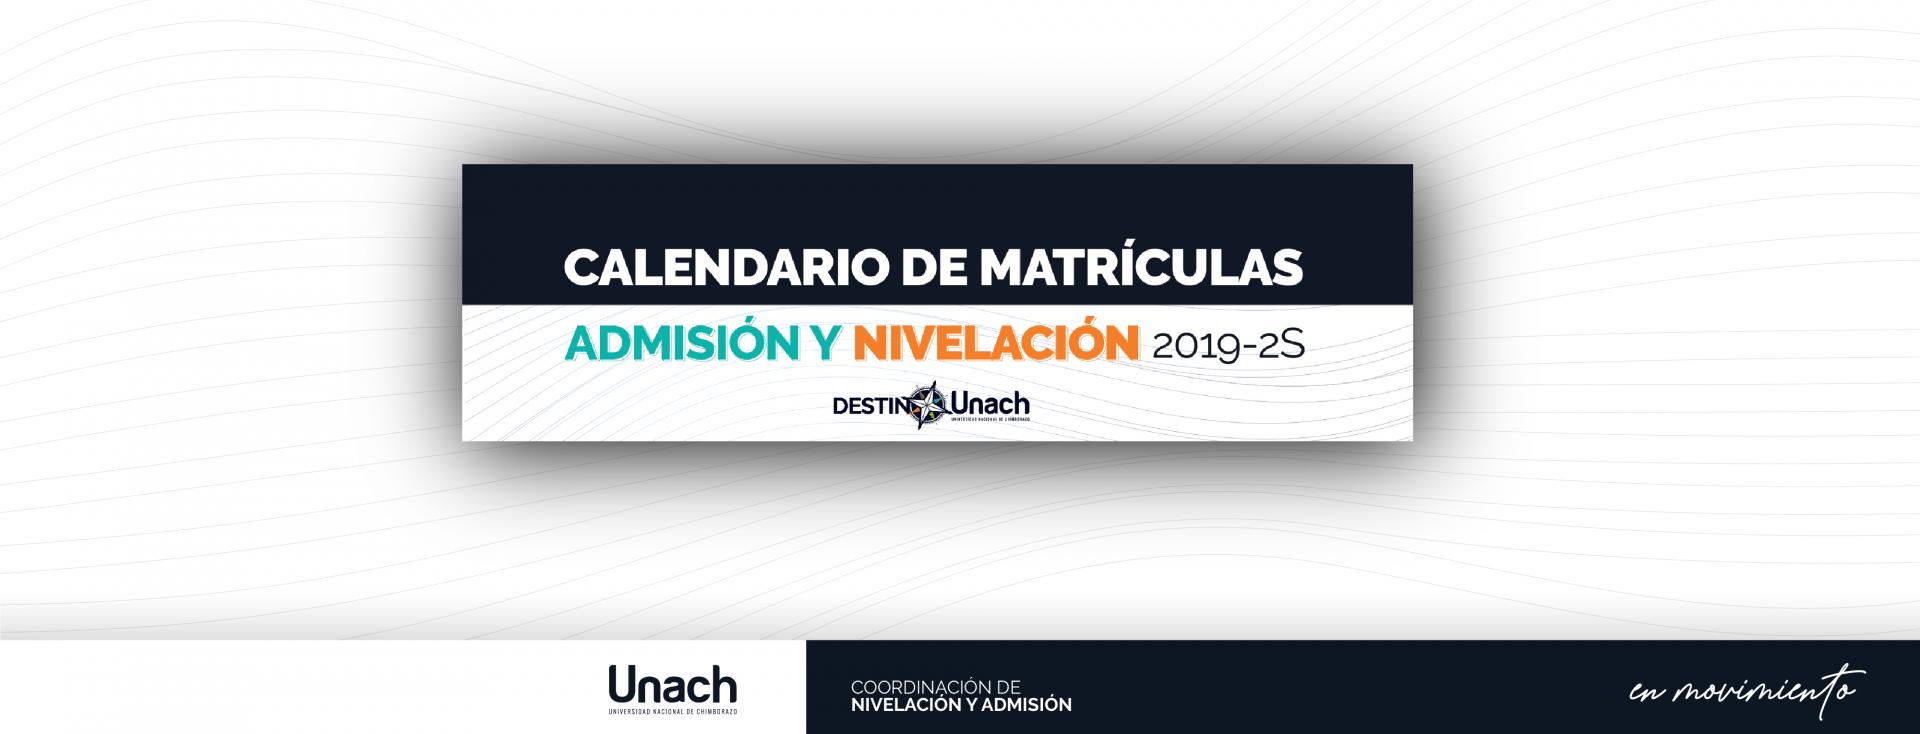 CALENDARIO DE MATRÍCULAS PERÍODO 2019 - 2S